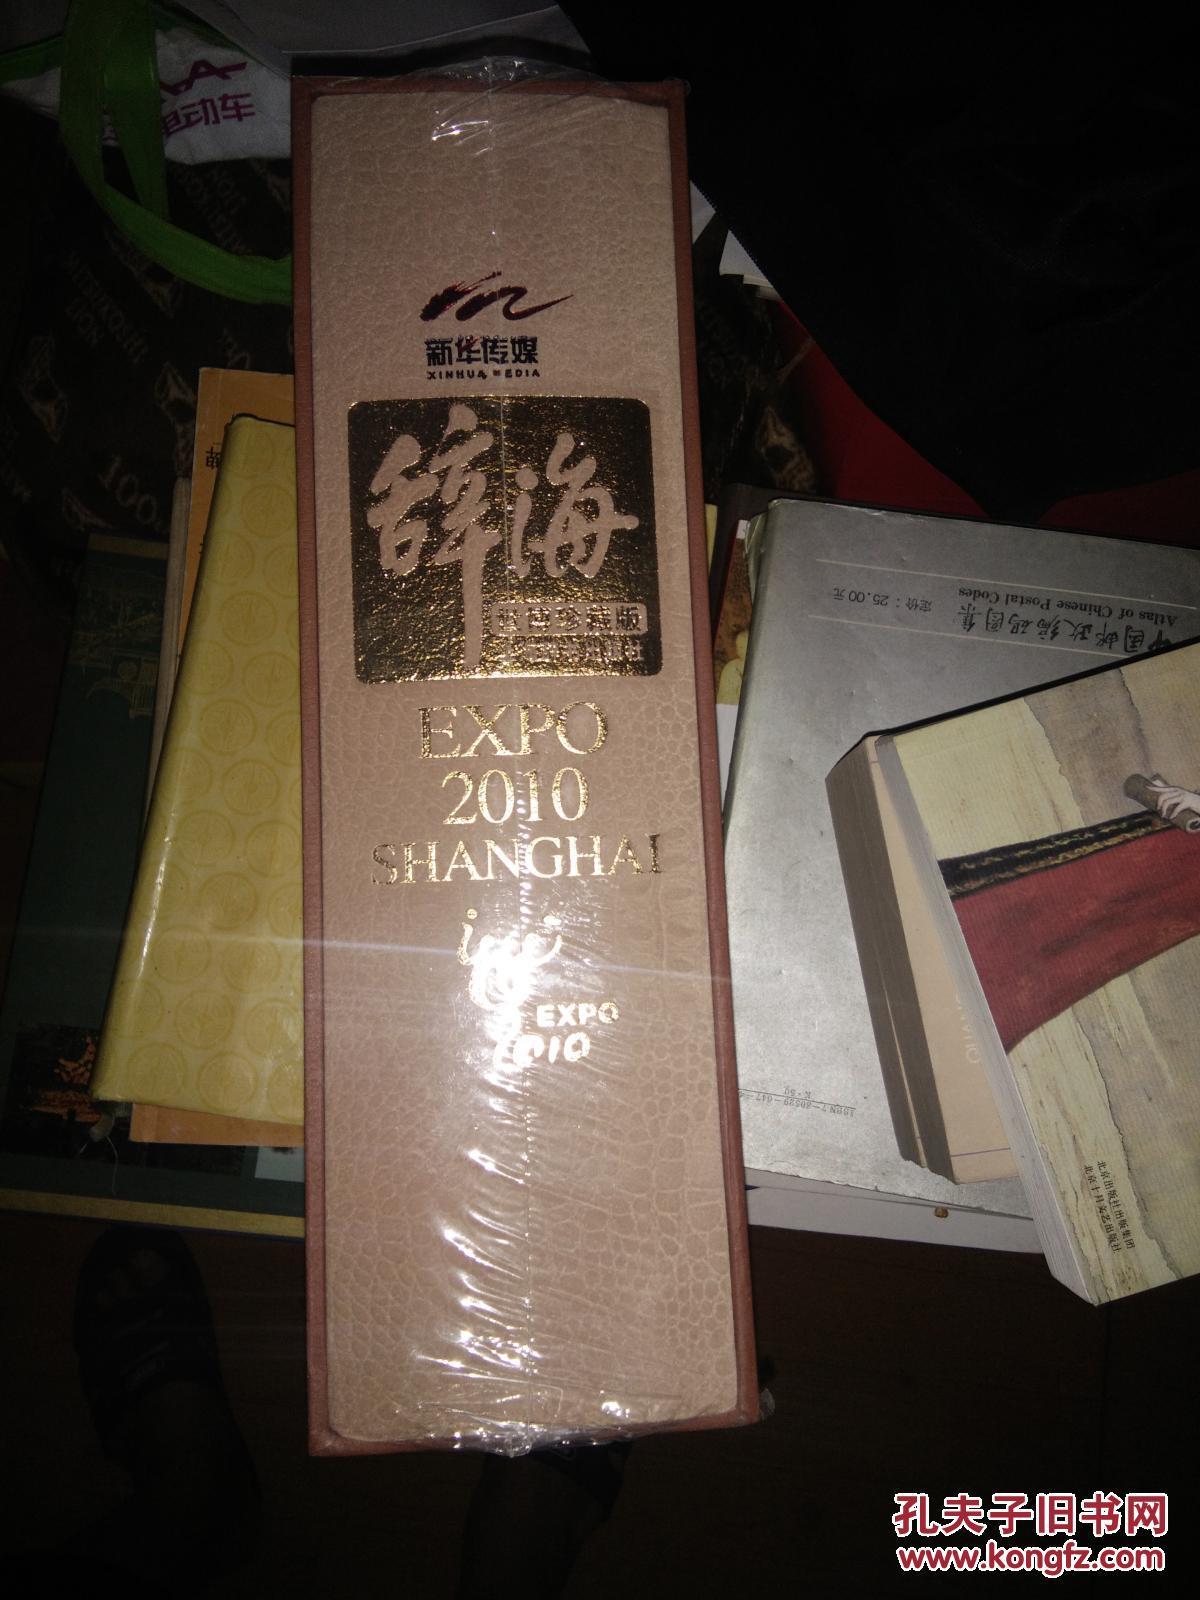 《辞海 》世博珍藏版 原装未开封 、外带精装盒套 编号发行全新正版 、书重4.2公斤、